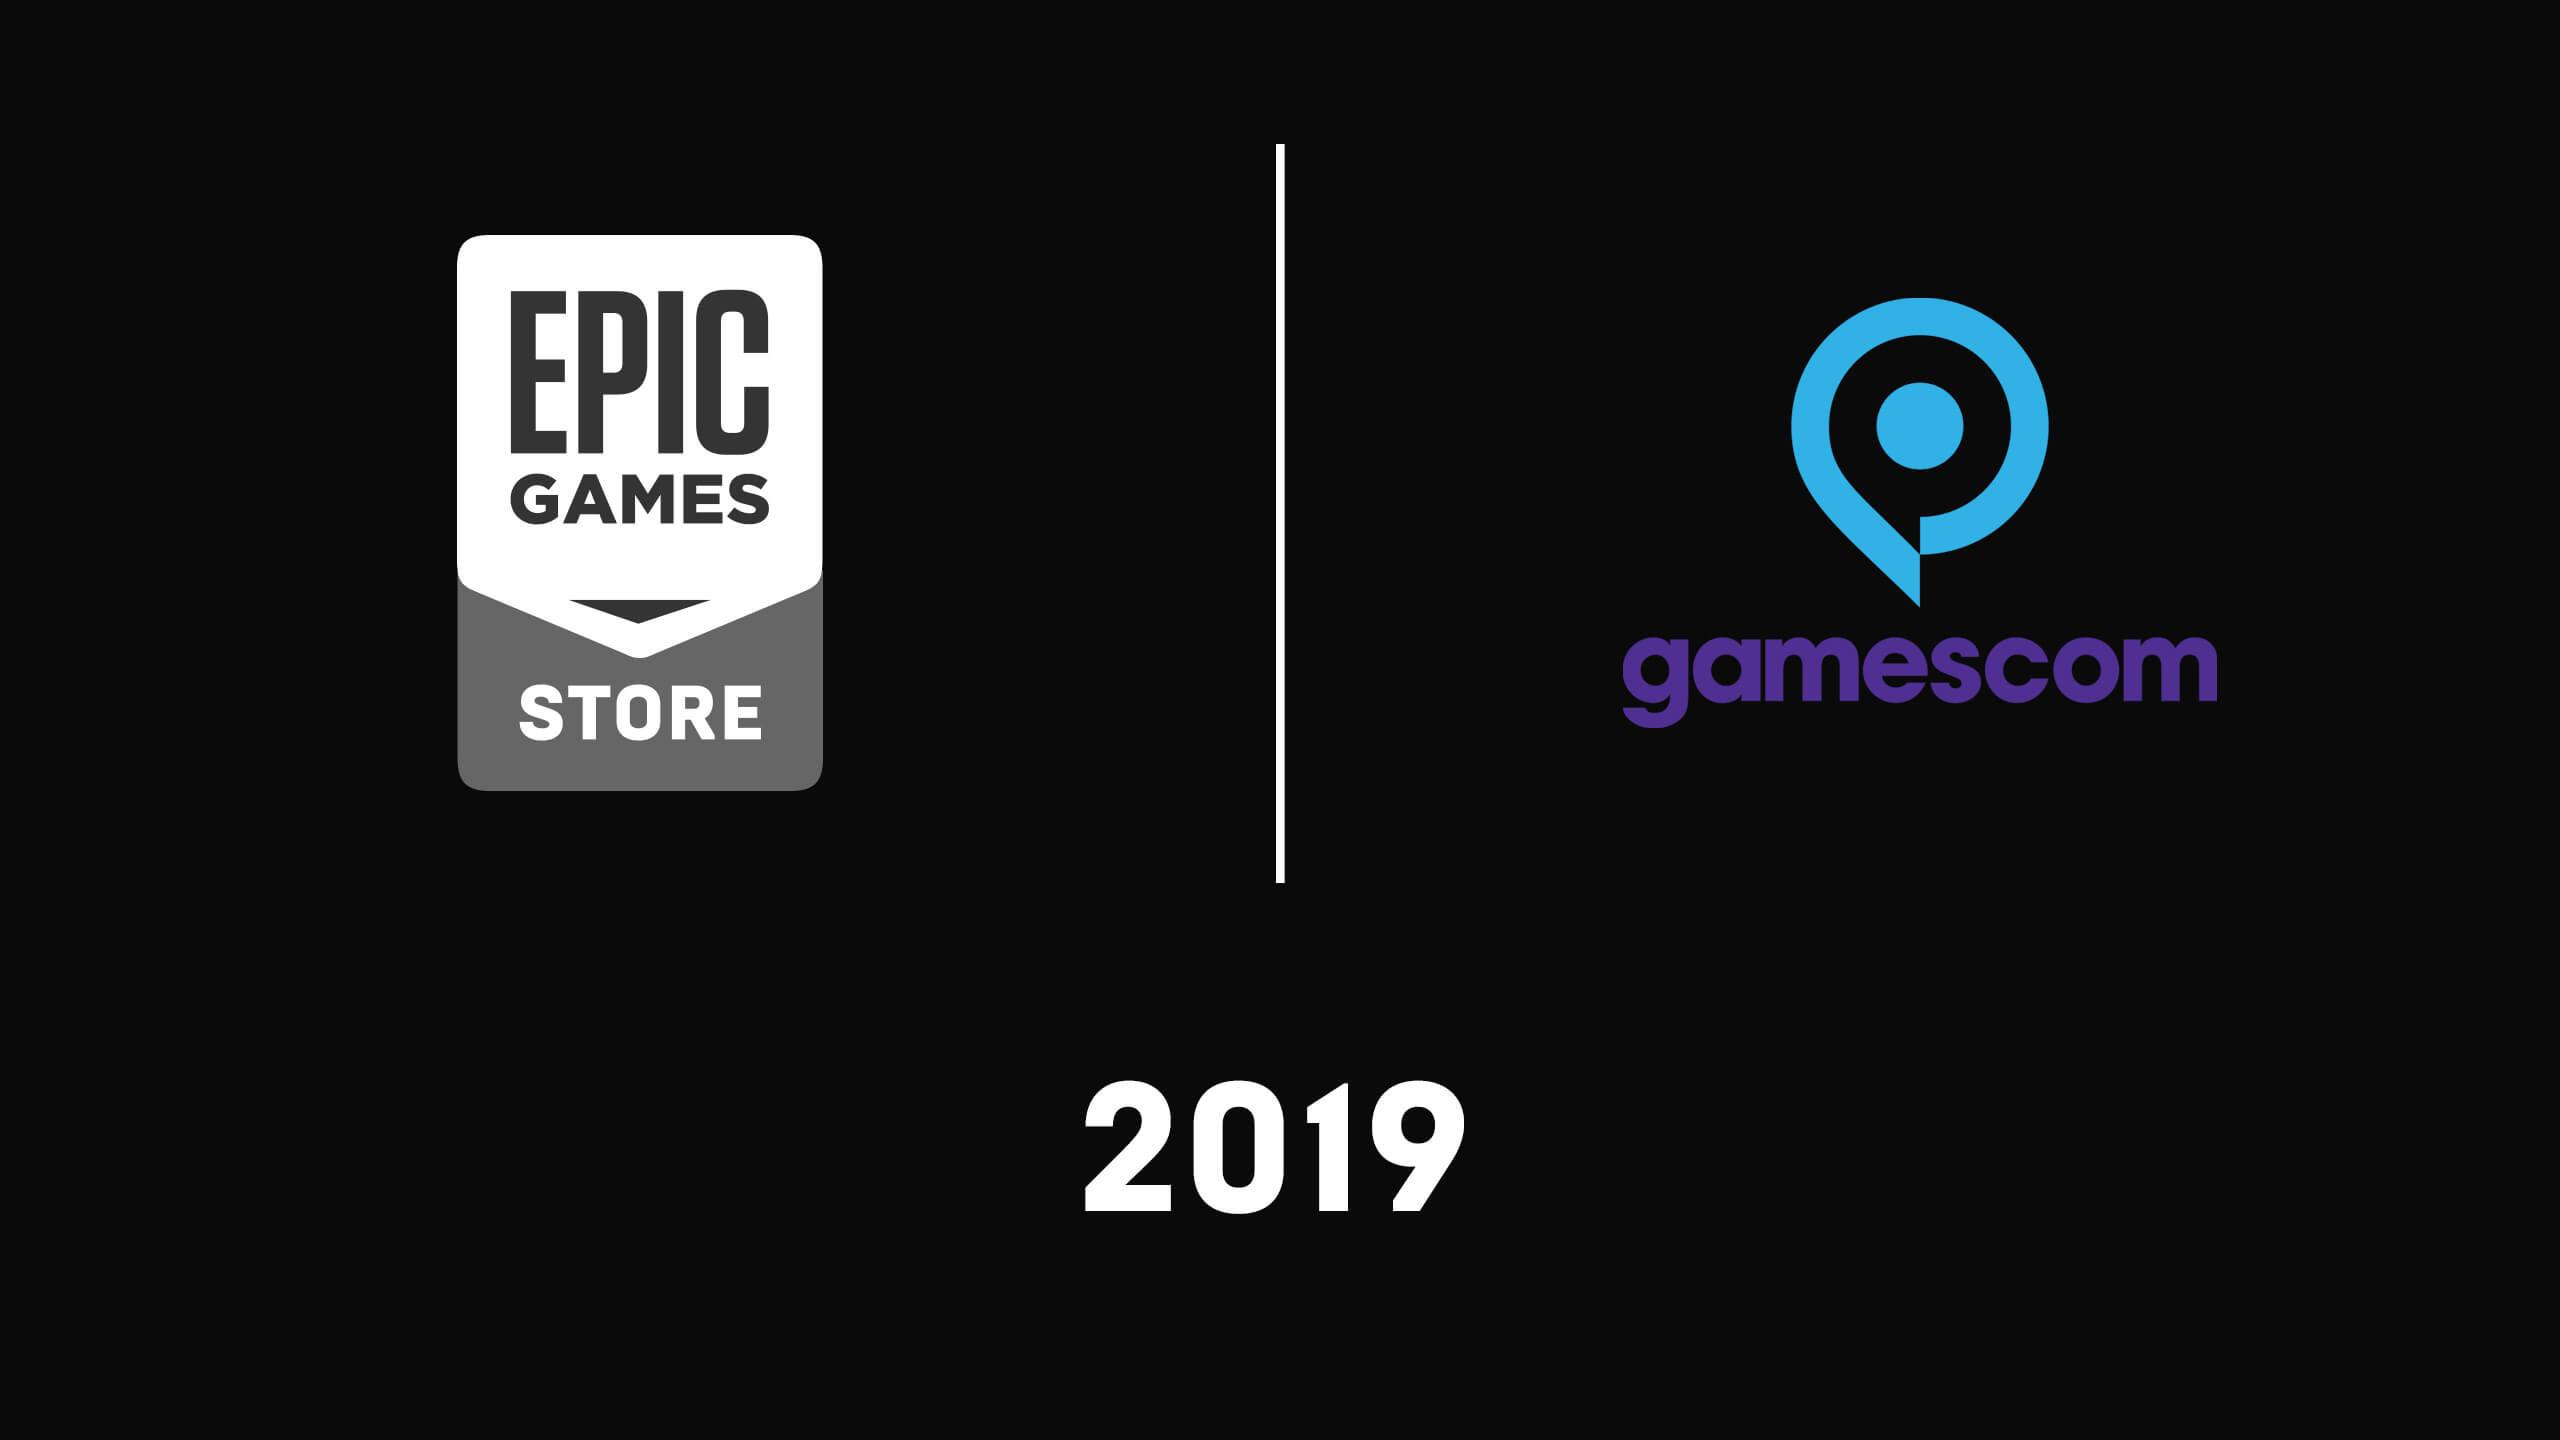 GC 2019:Epic商城宣传片 2019年下半年限时独占游戏公布